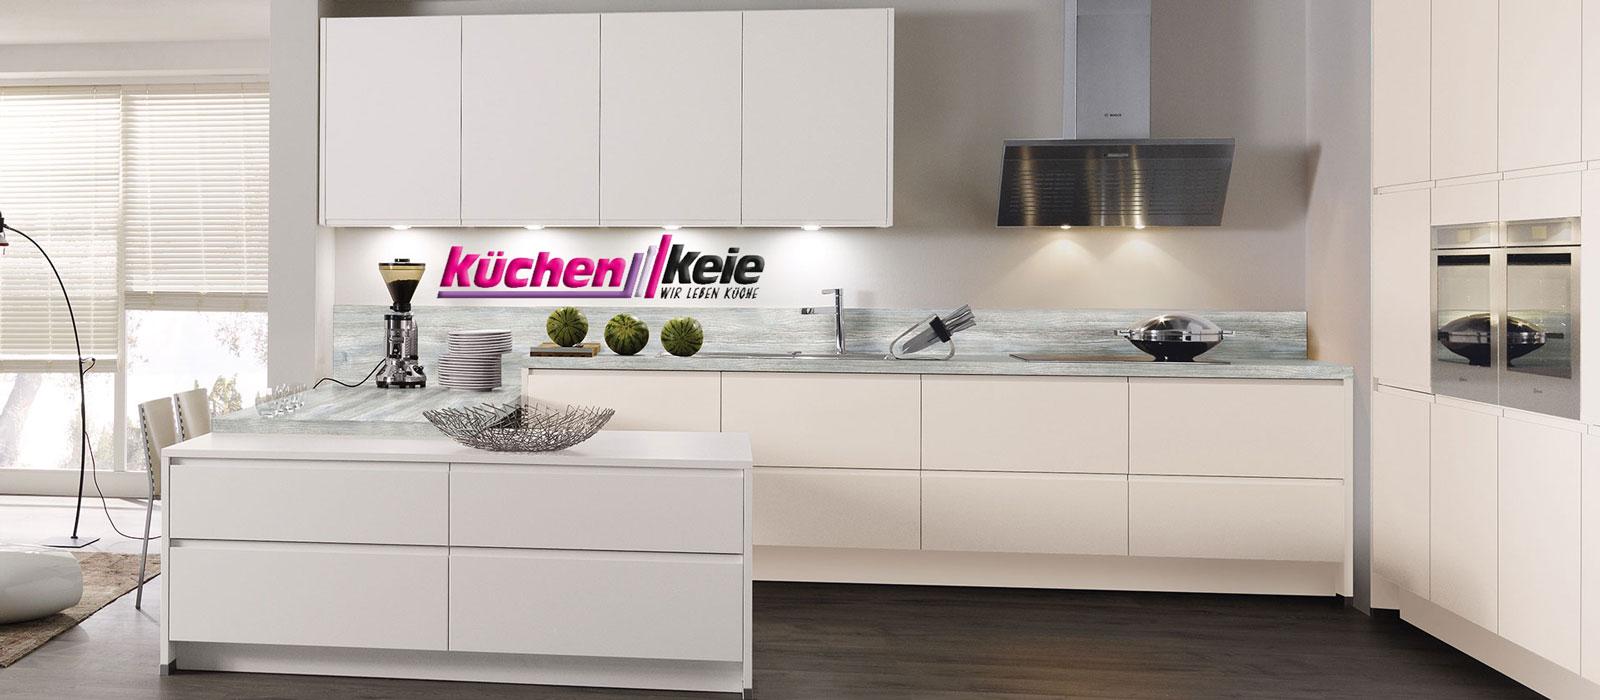 kuechenguide.com-kuechen-keie-Weiterstadt-banner